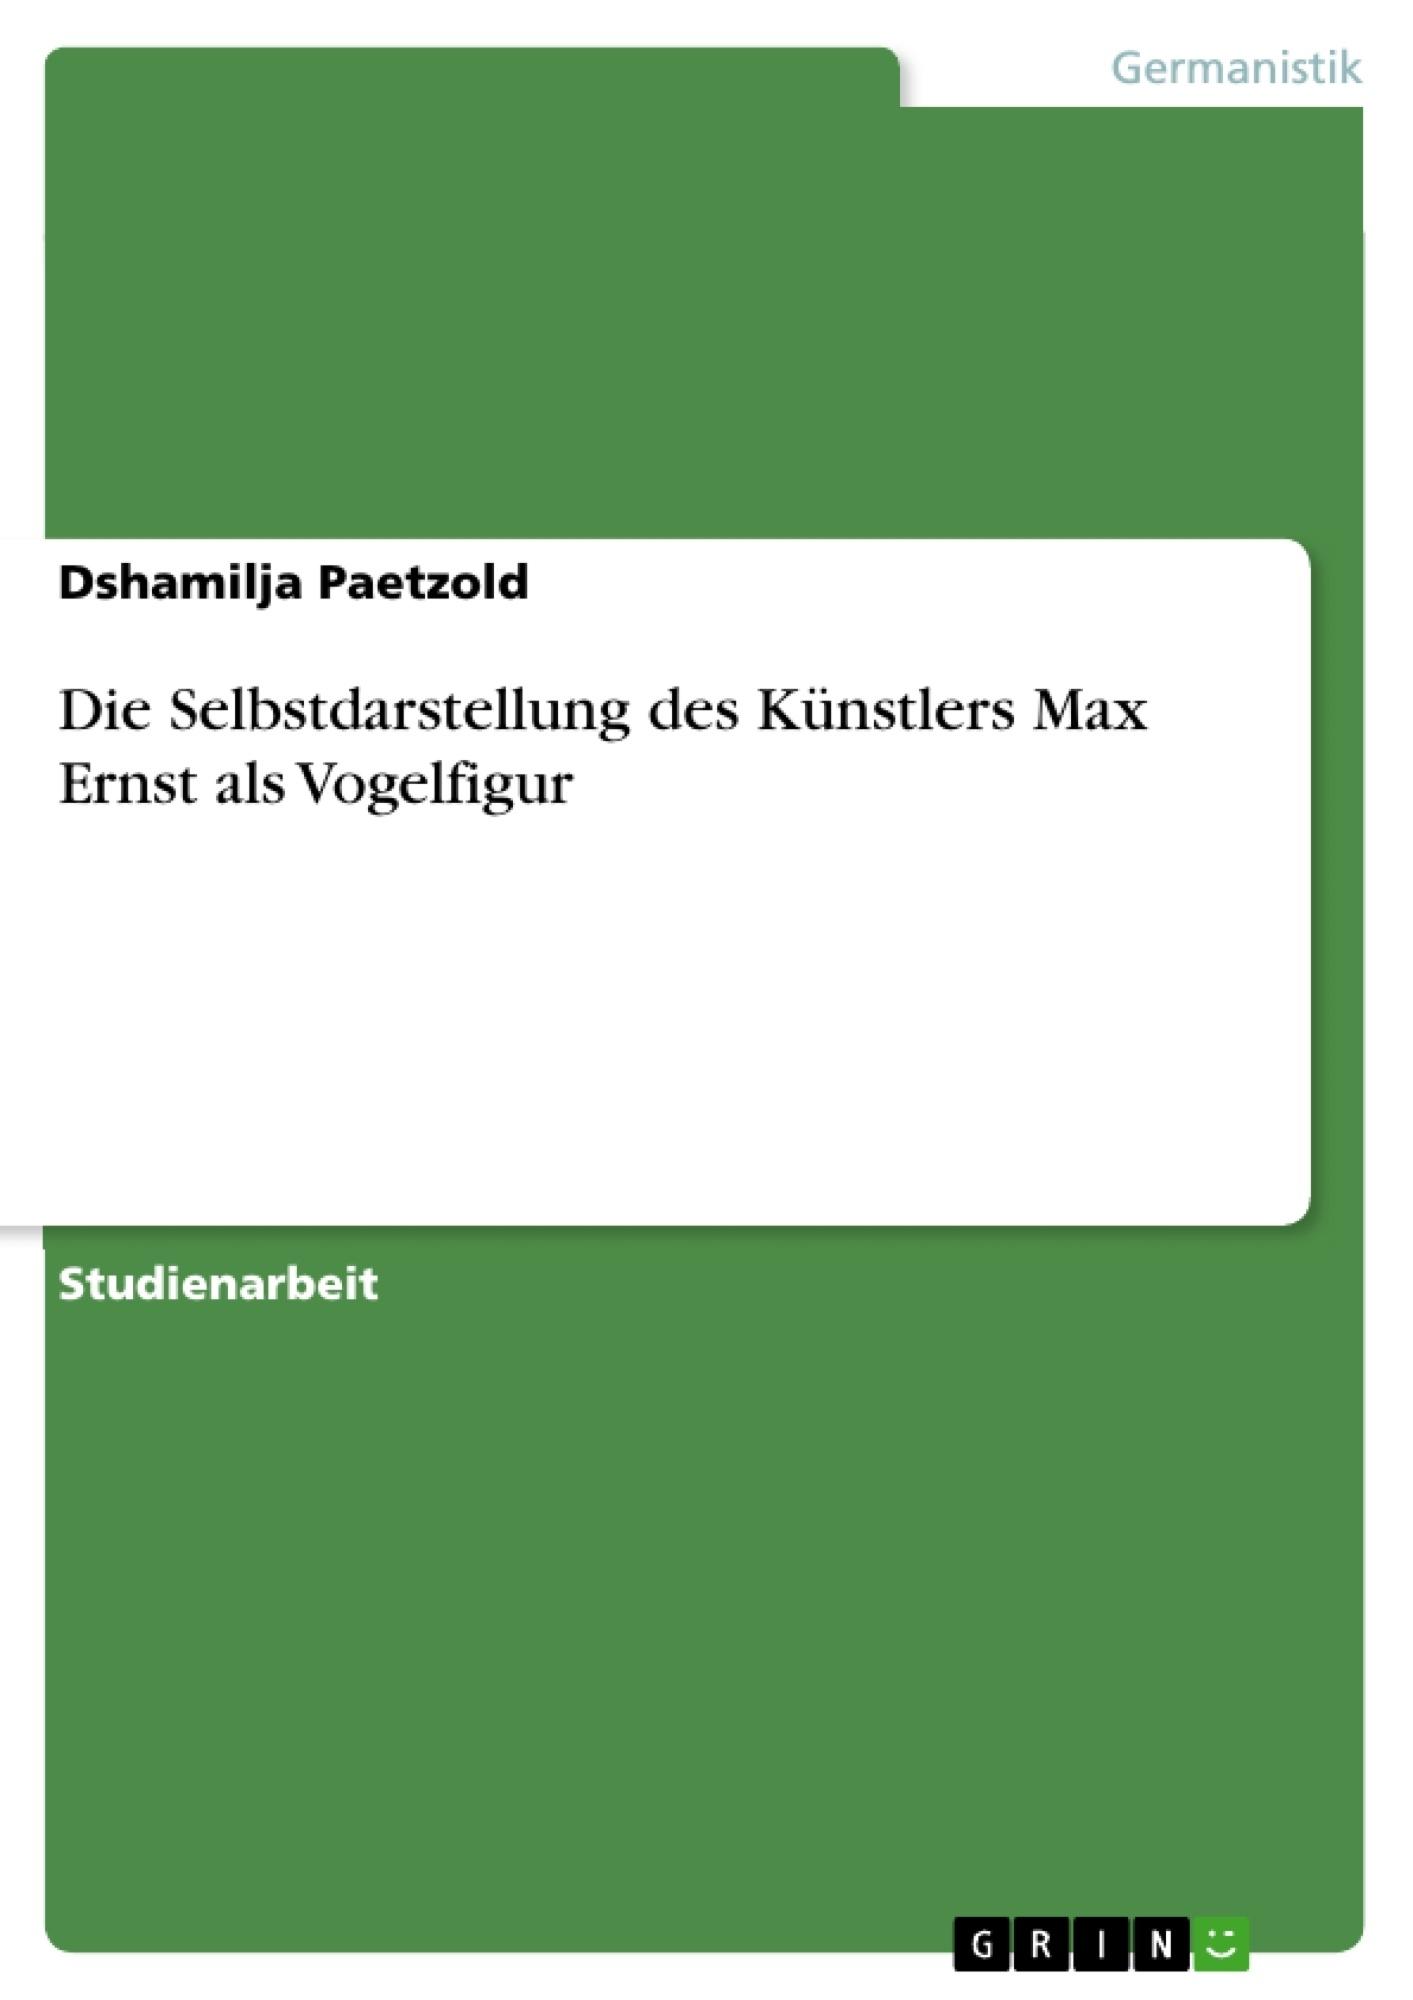 Titel: Die Selbstdarstellung des Künstlers Max Ernst als Vogelfigur